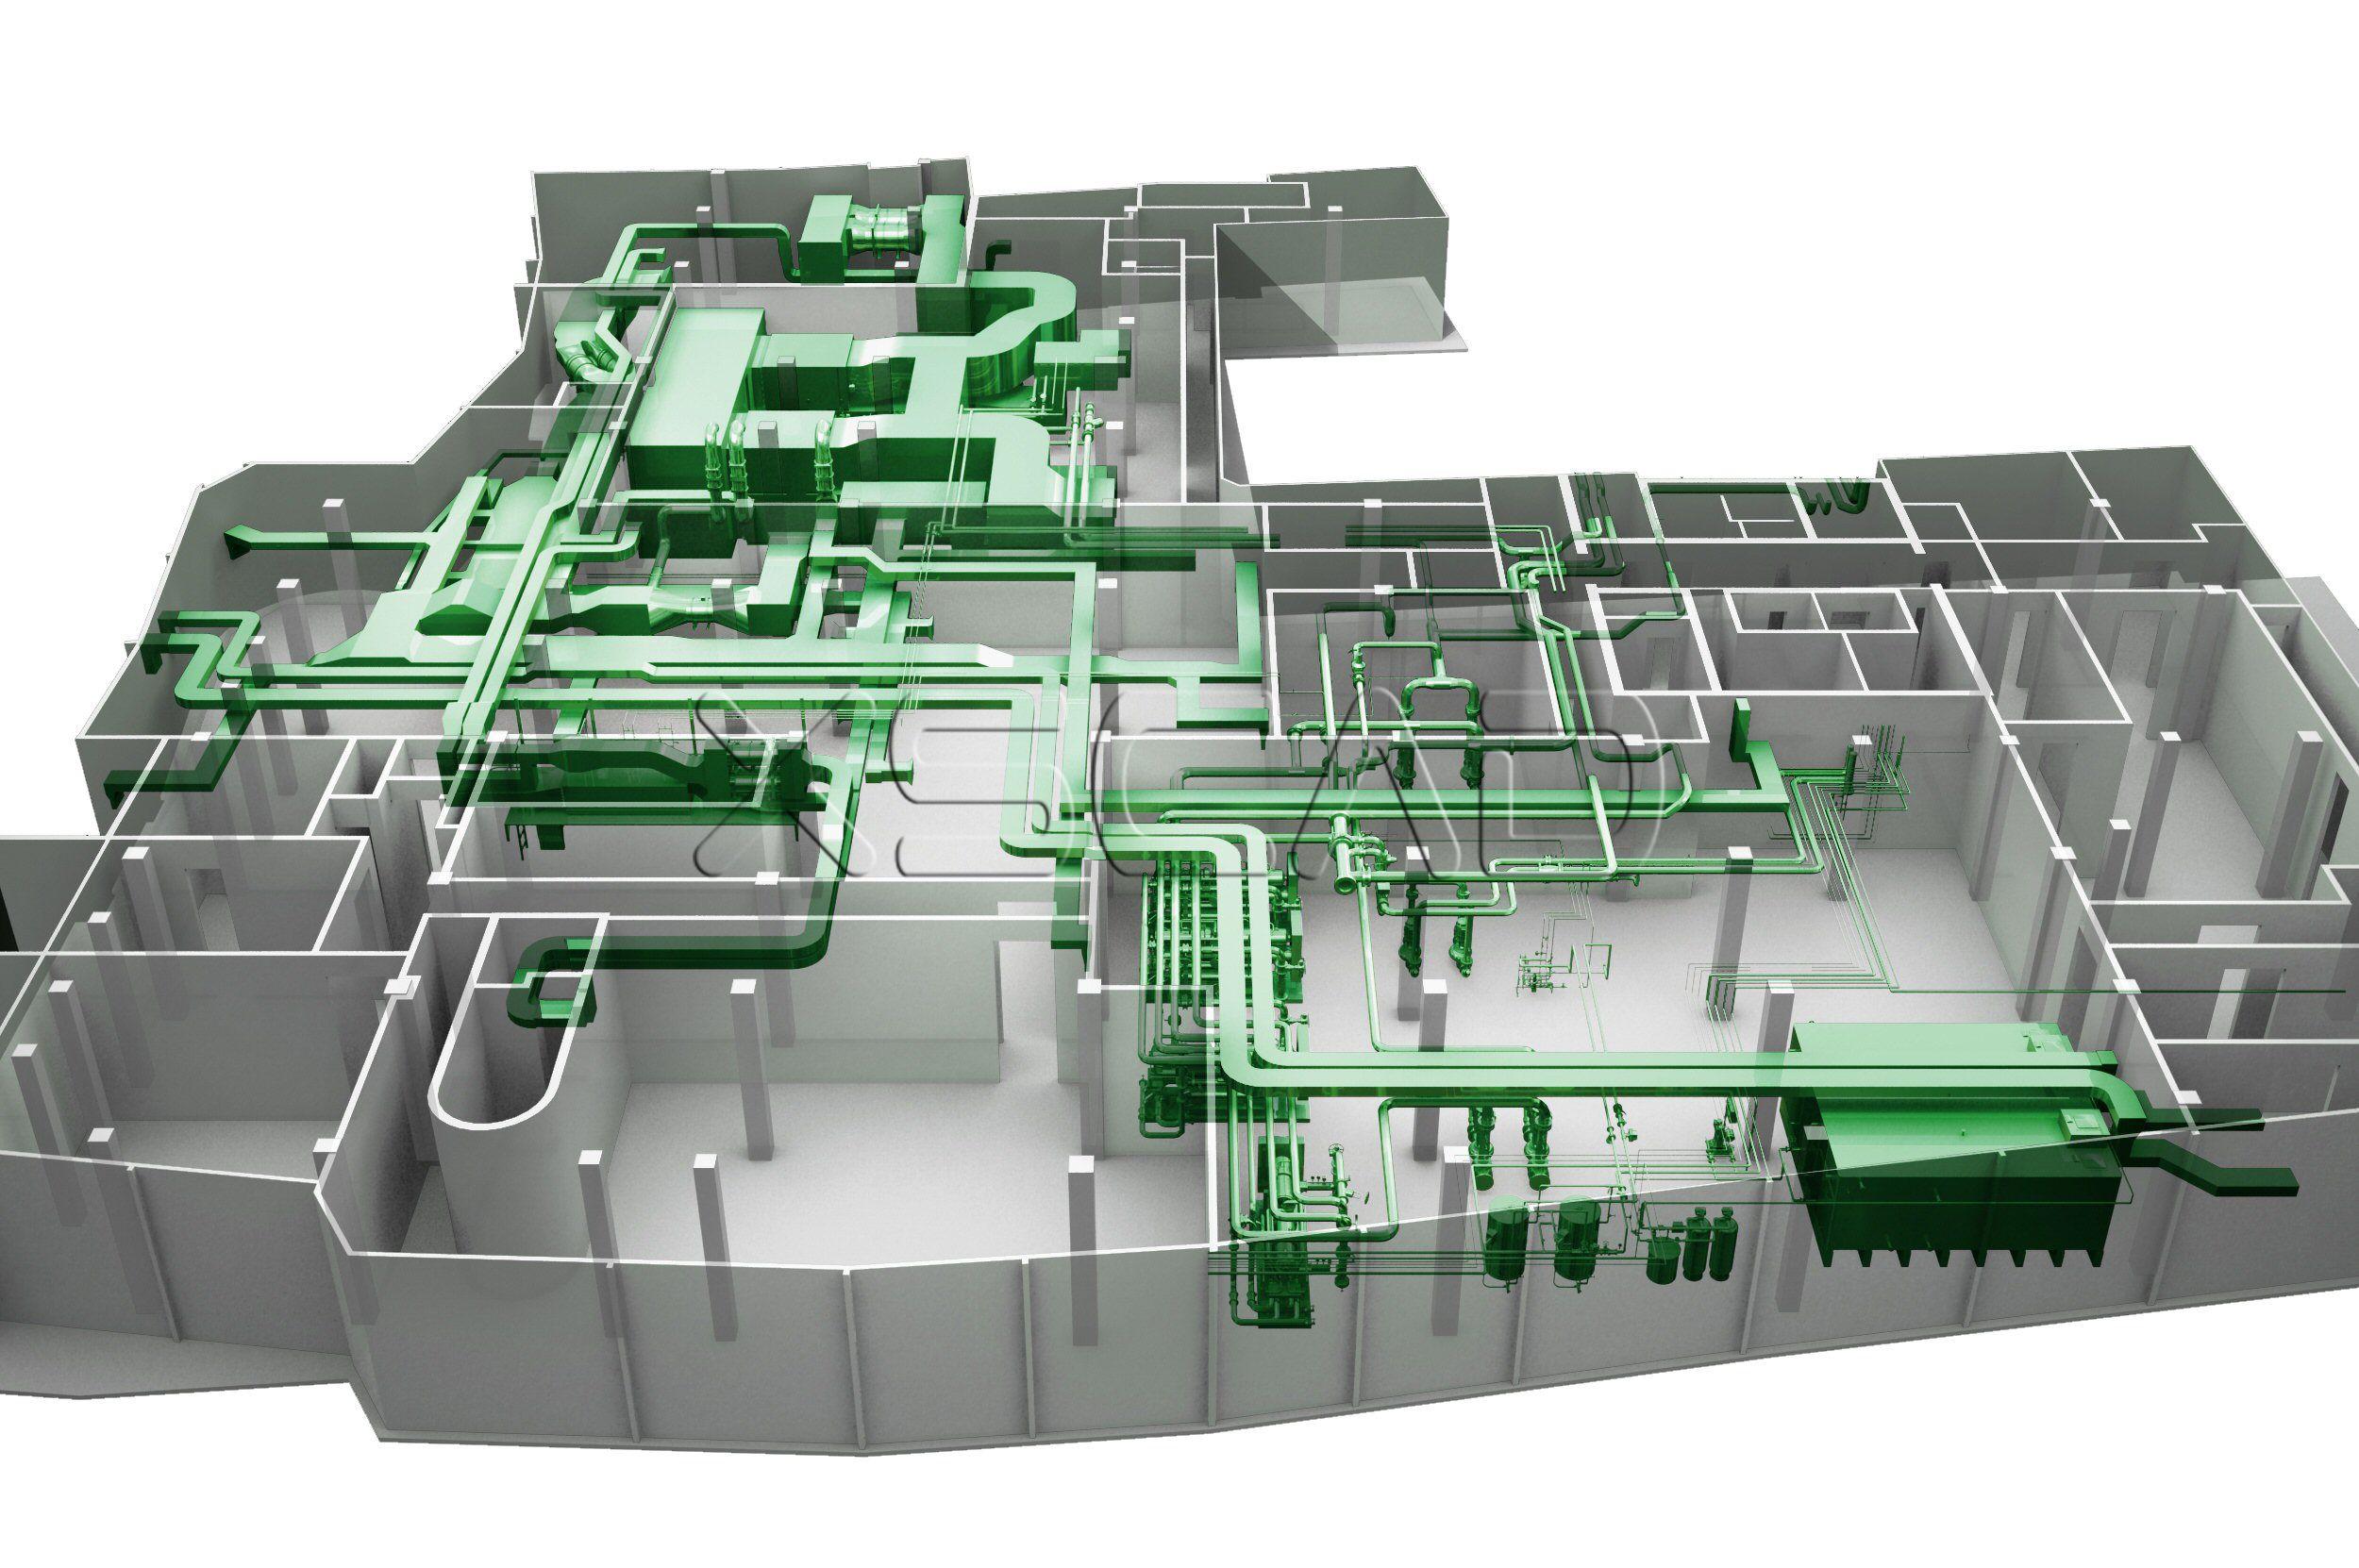 3d Mep Modeling Civil Engineering Design Engineering